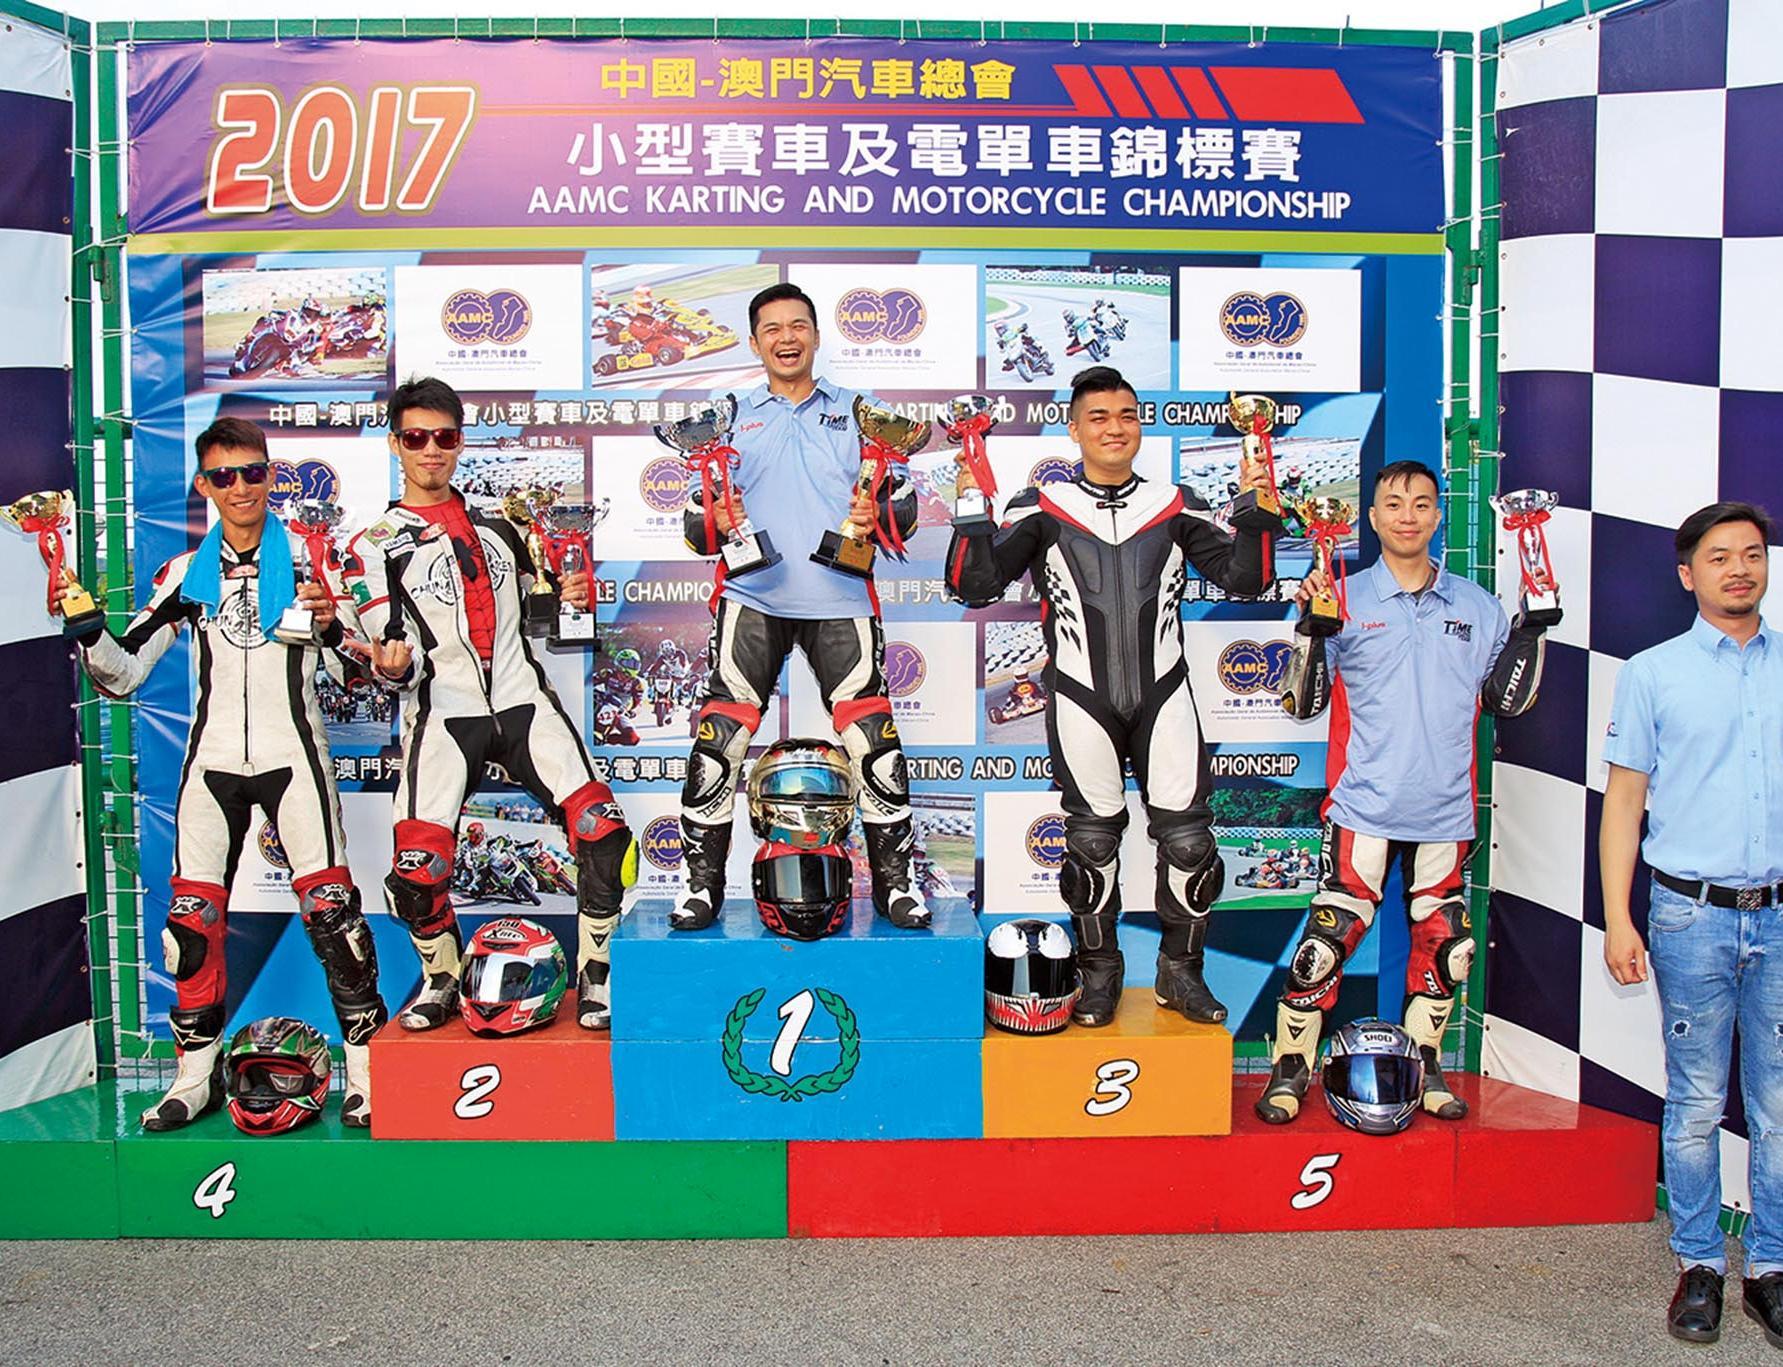 小型賽車及電單車賽誕冠軍